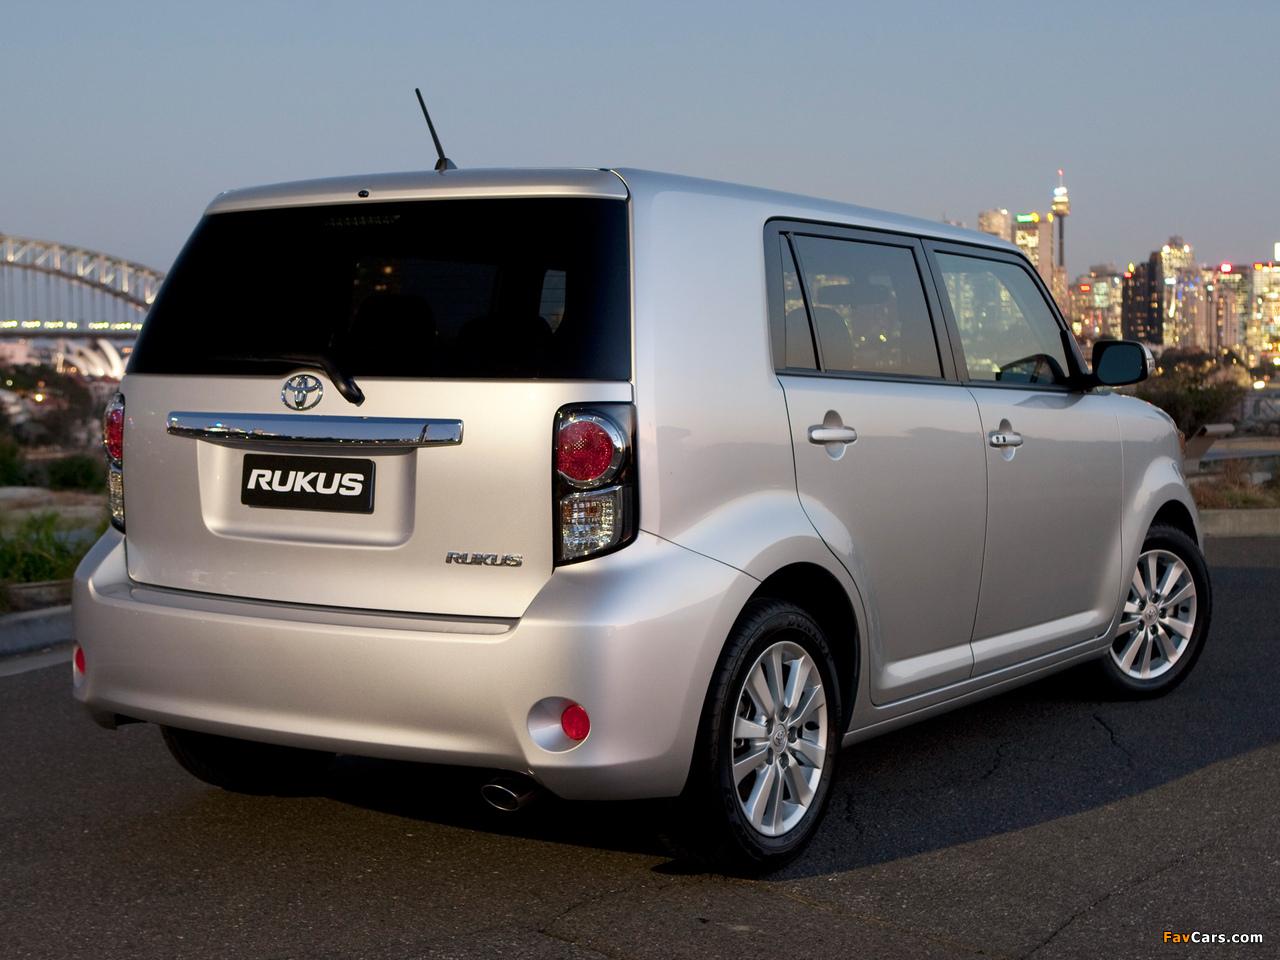 Toyota Rukus 2010 images (1280 x 960)